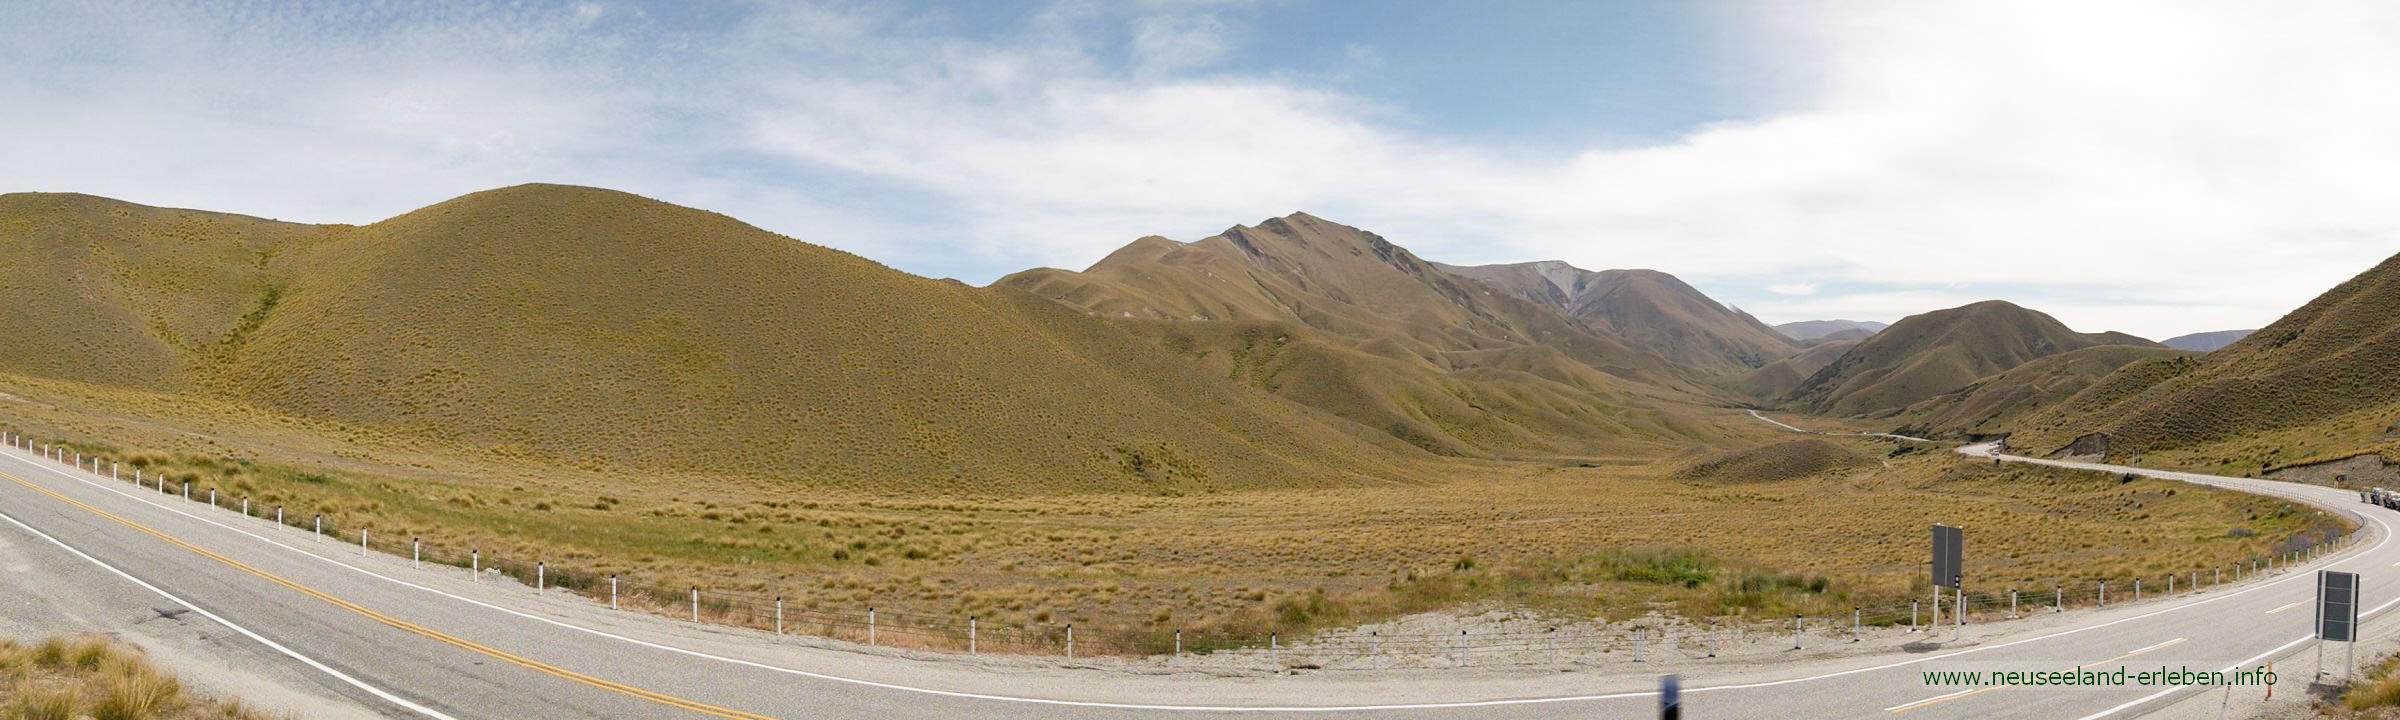 Lindis Pass – Fernsicht in braun-gelb